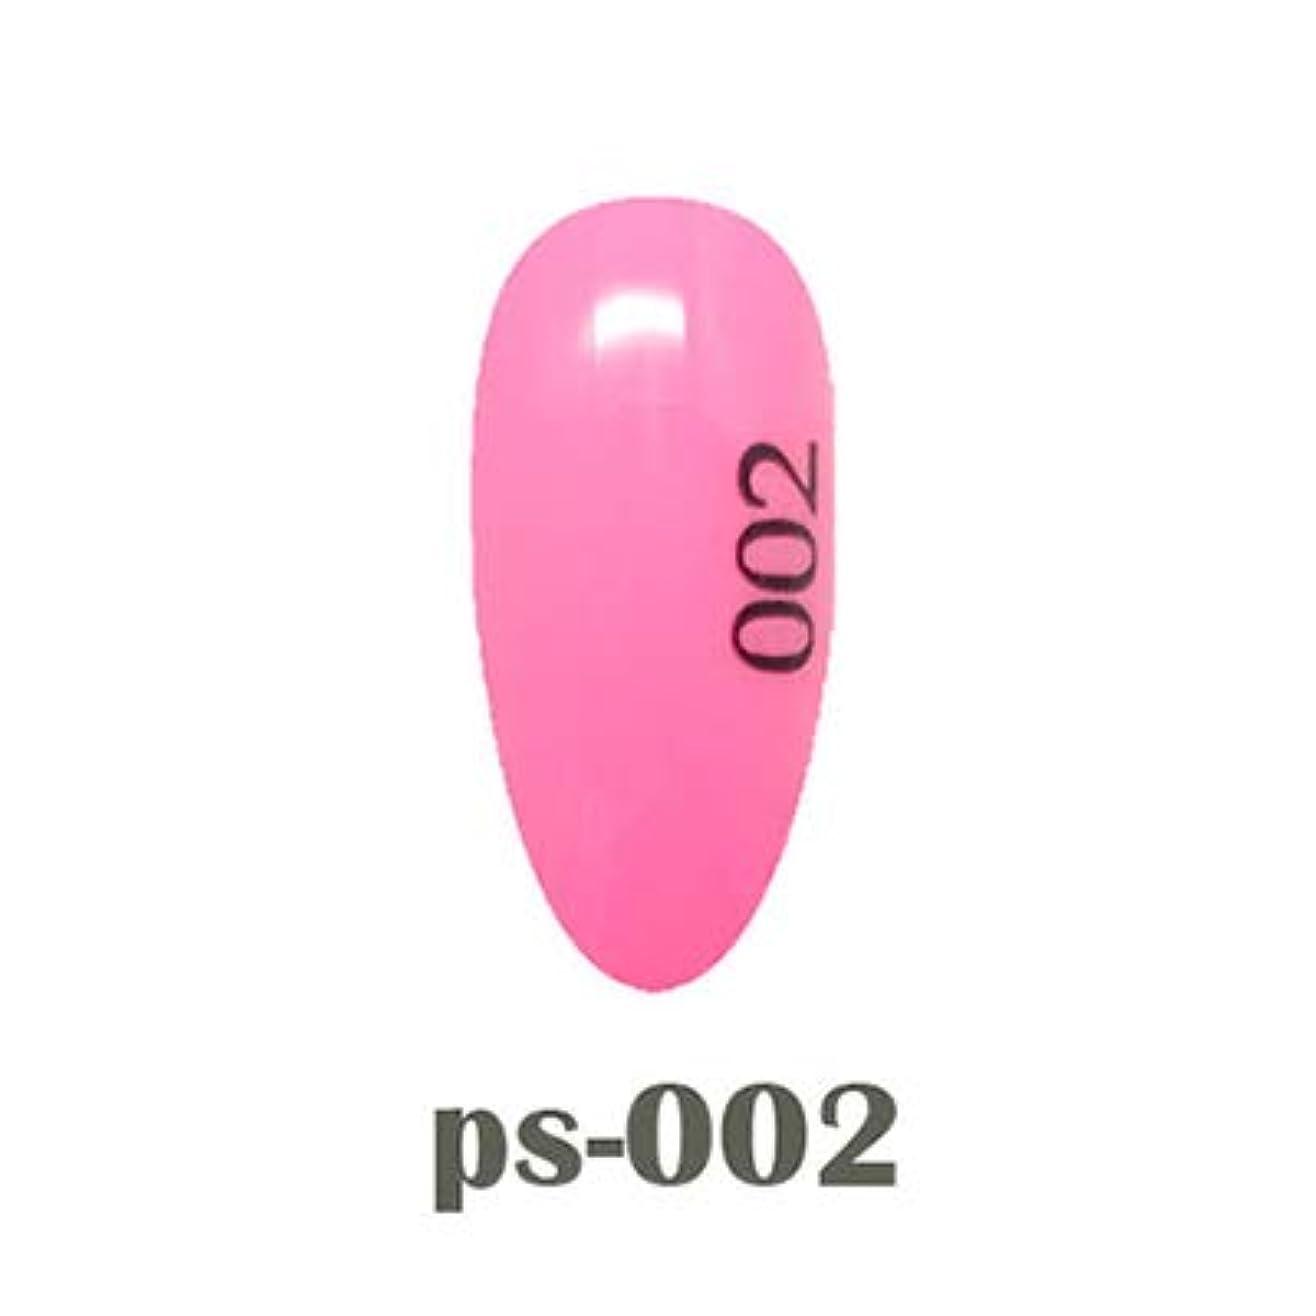 忘れるストリップゆりかごアイスジェル カラージェル ポイントパステルシリーズ PP-002 3g